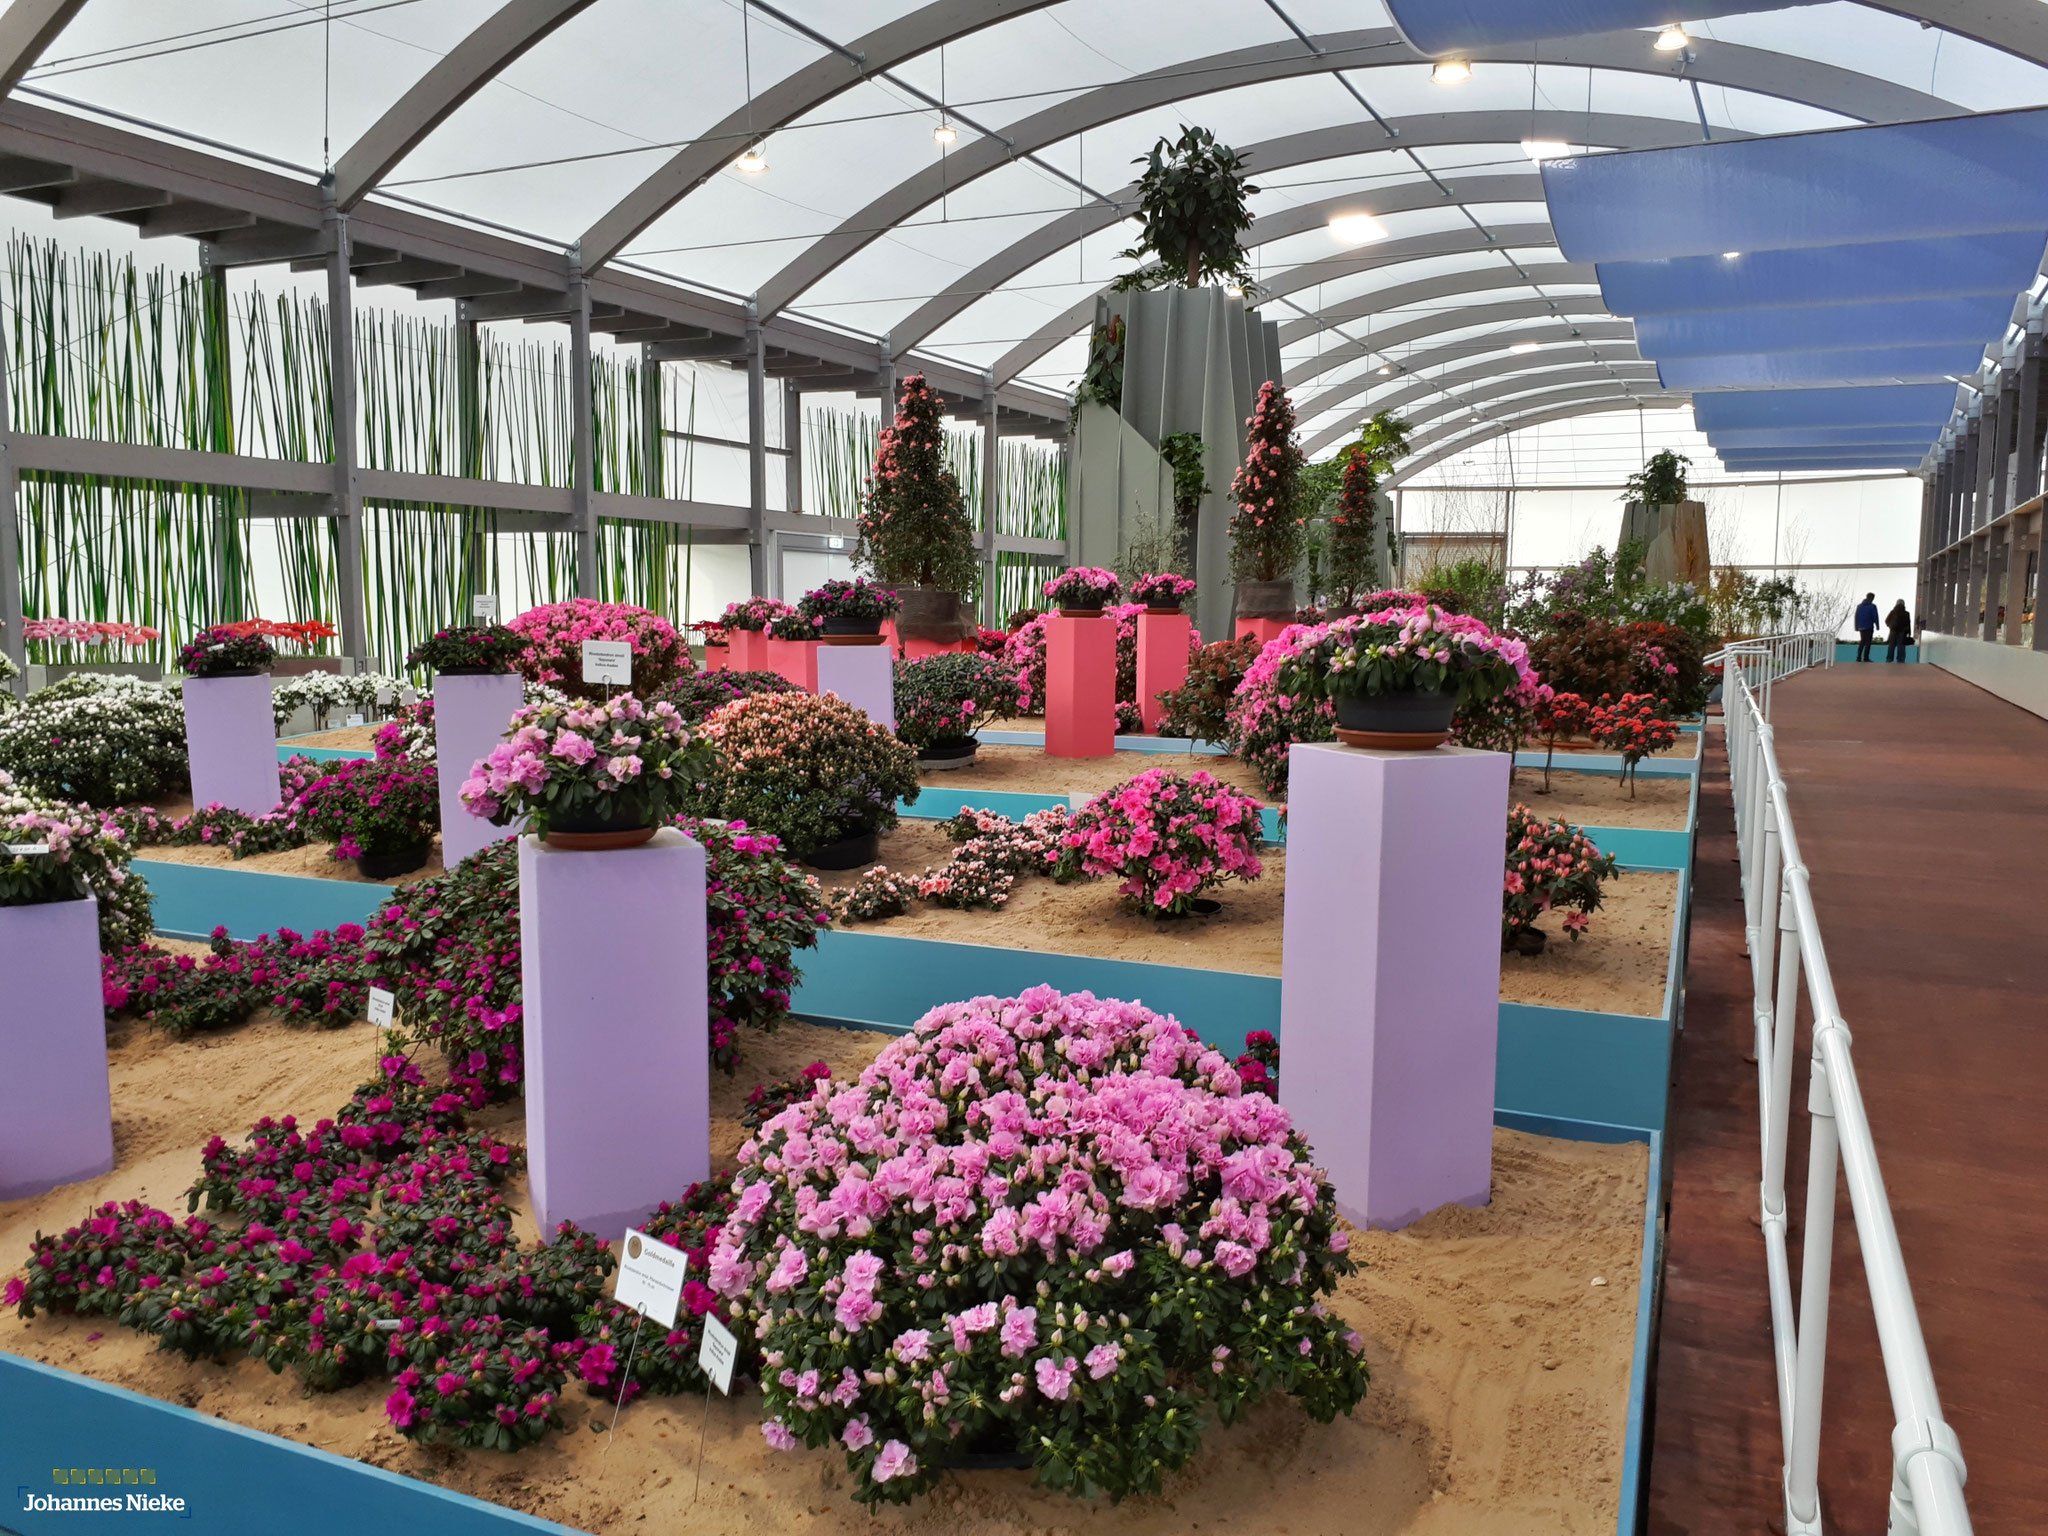 """Blumenhalle (Woche 1) """"Aufbruch ins Meer der Farben"""" & """"Blütenwolken überm Horizont"""""""